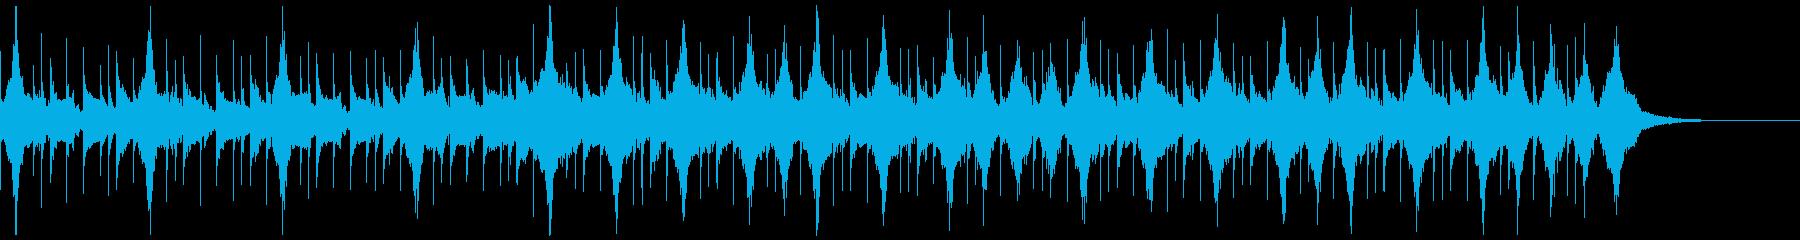 コーポレートテクスチャ―10の再生済みの波形